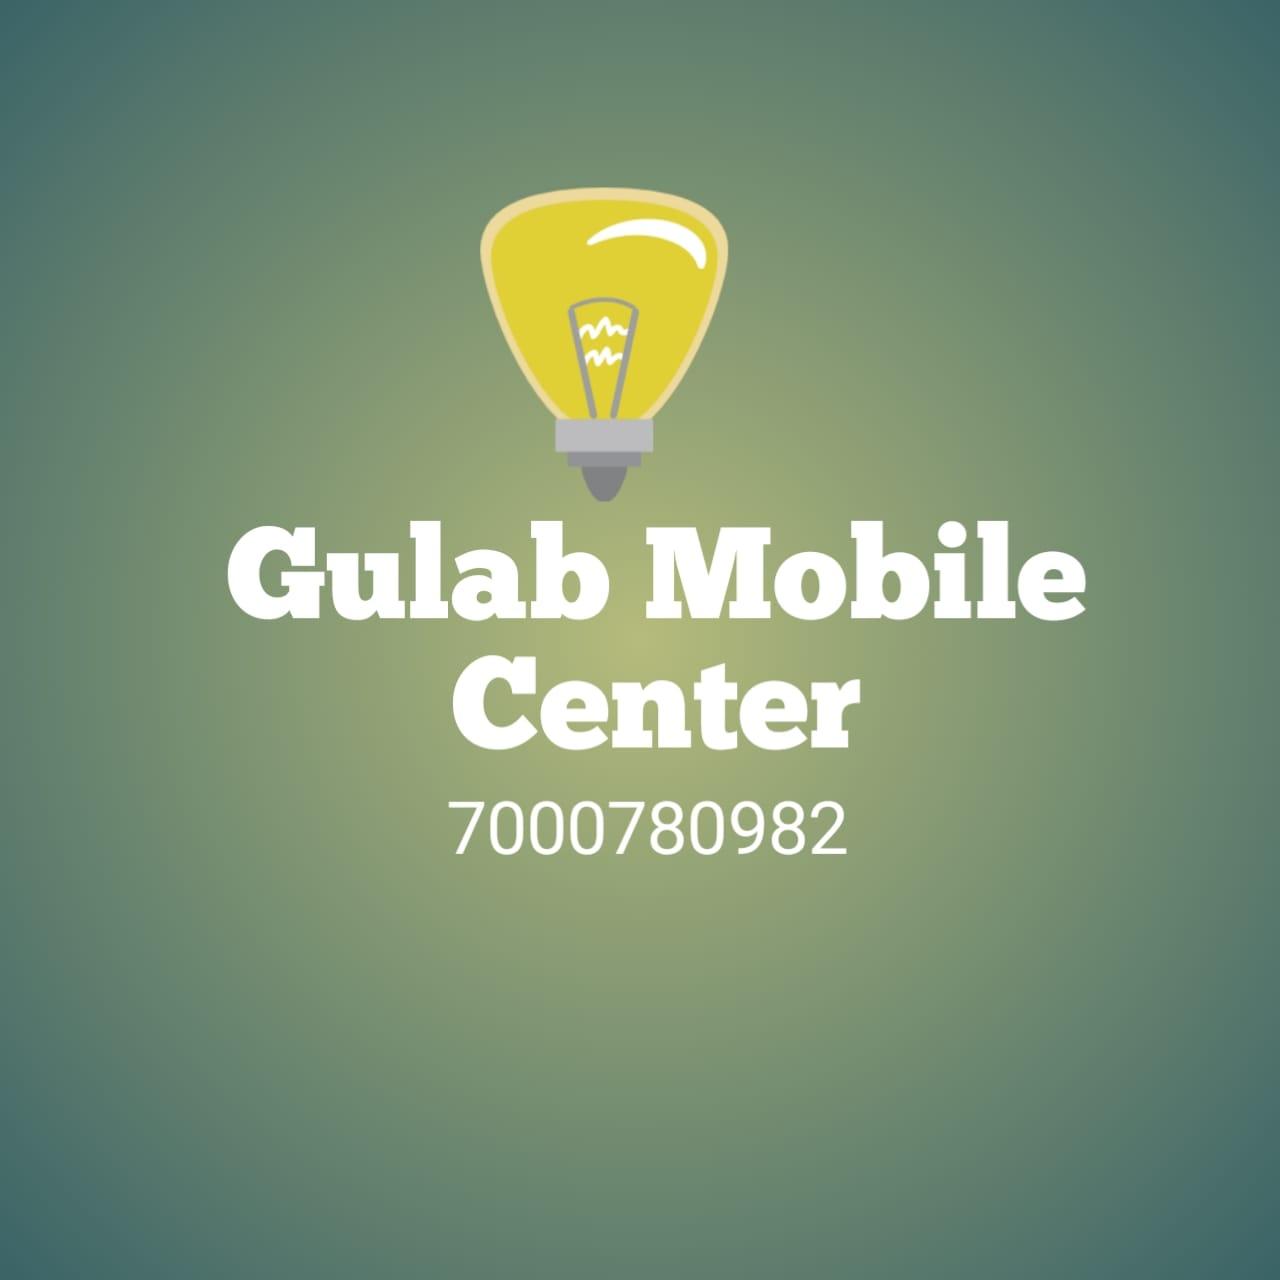 Gulab Mobile Center